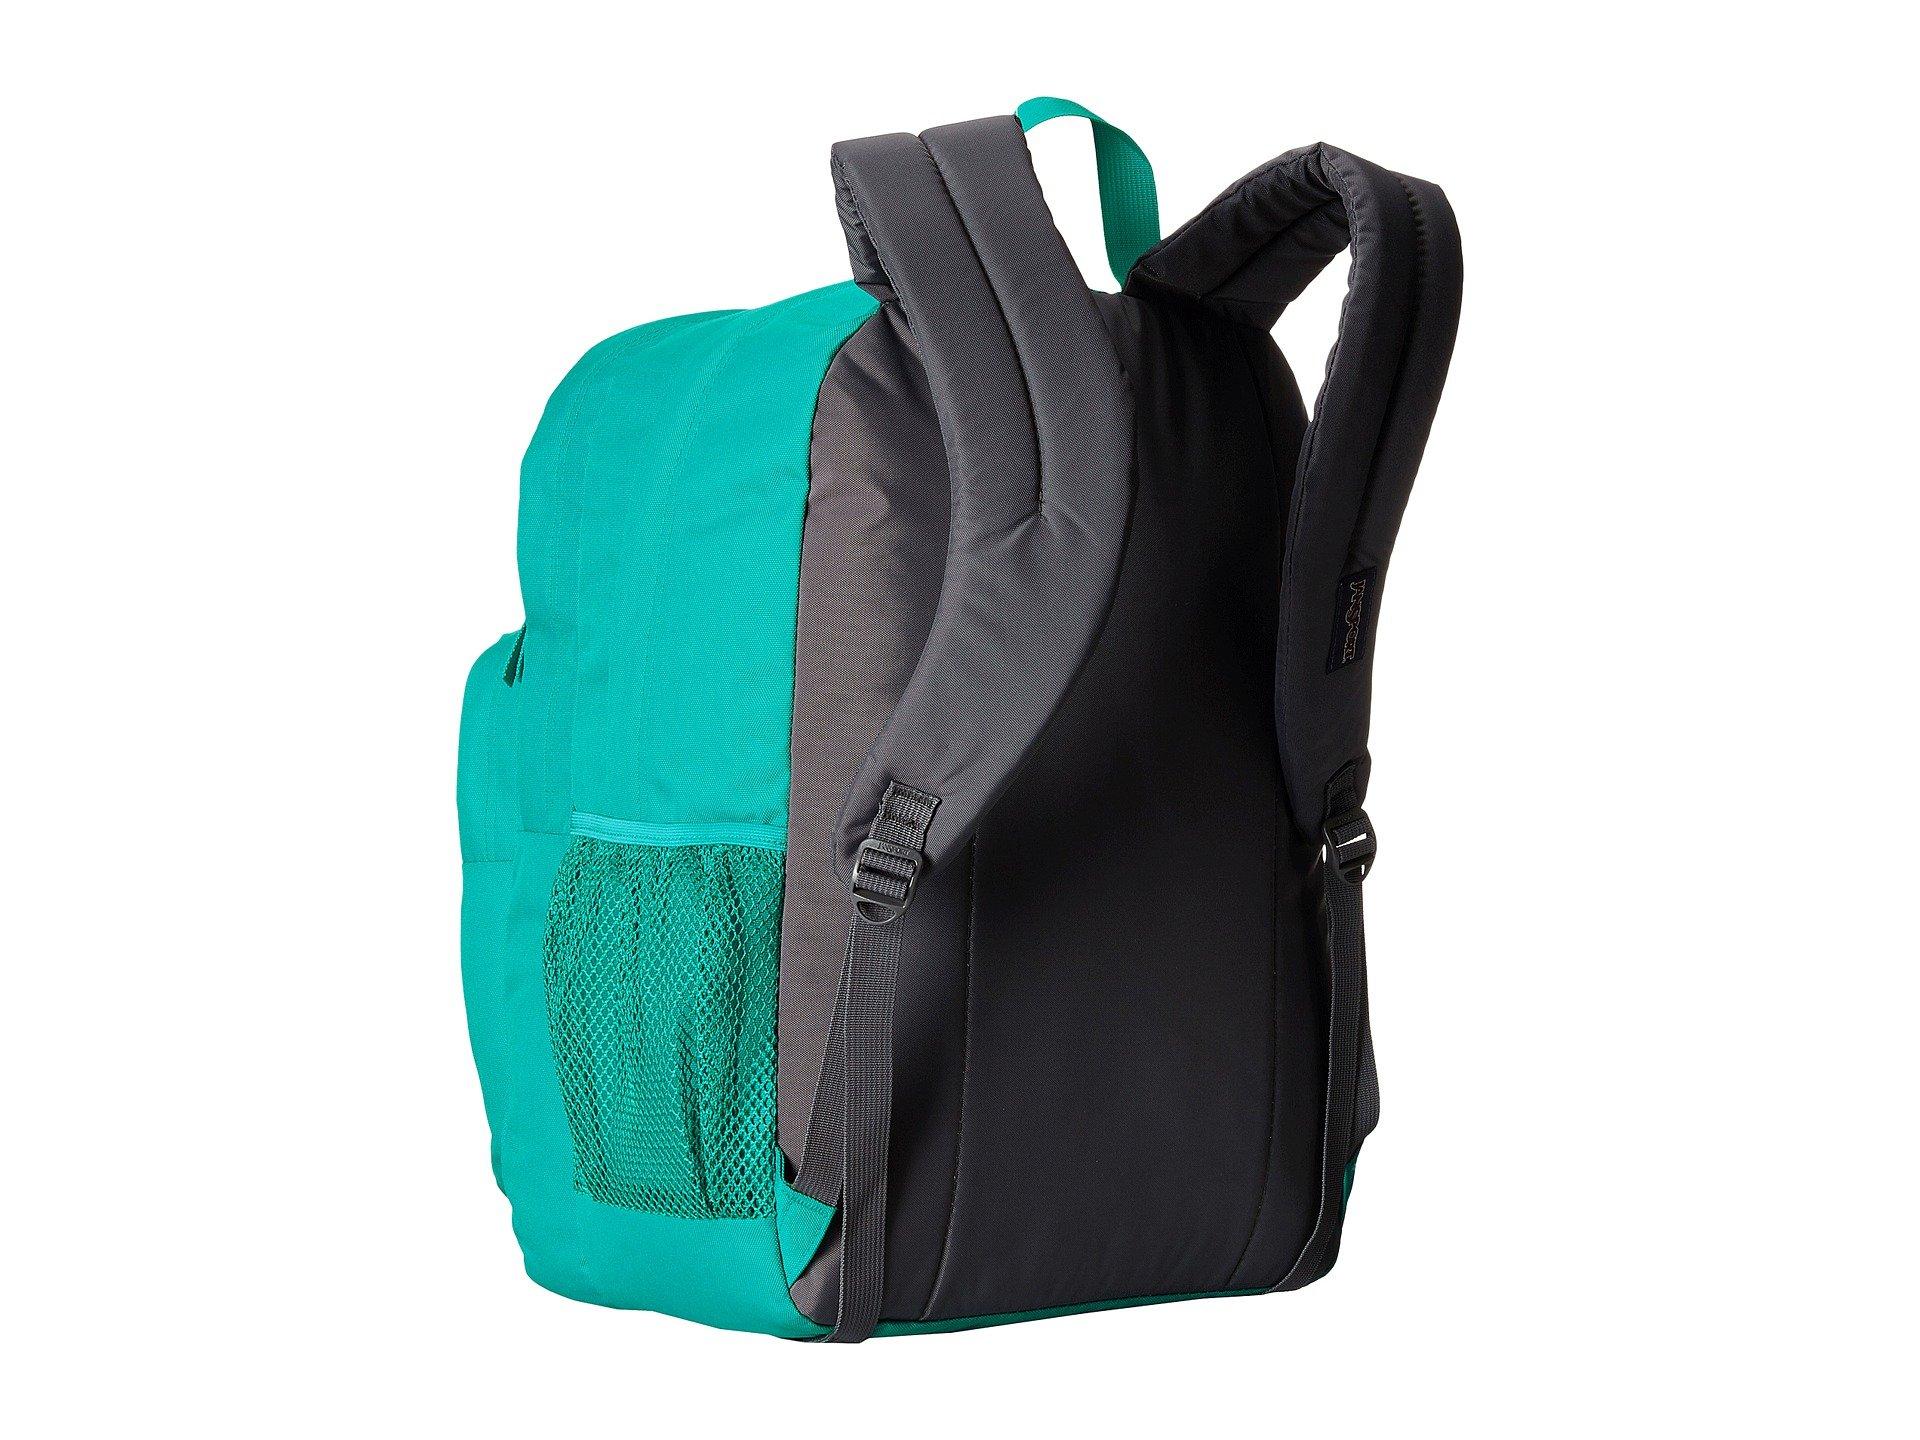 6a45d771798f7 Jansport Big Student Backpack Grey Black Botanical